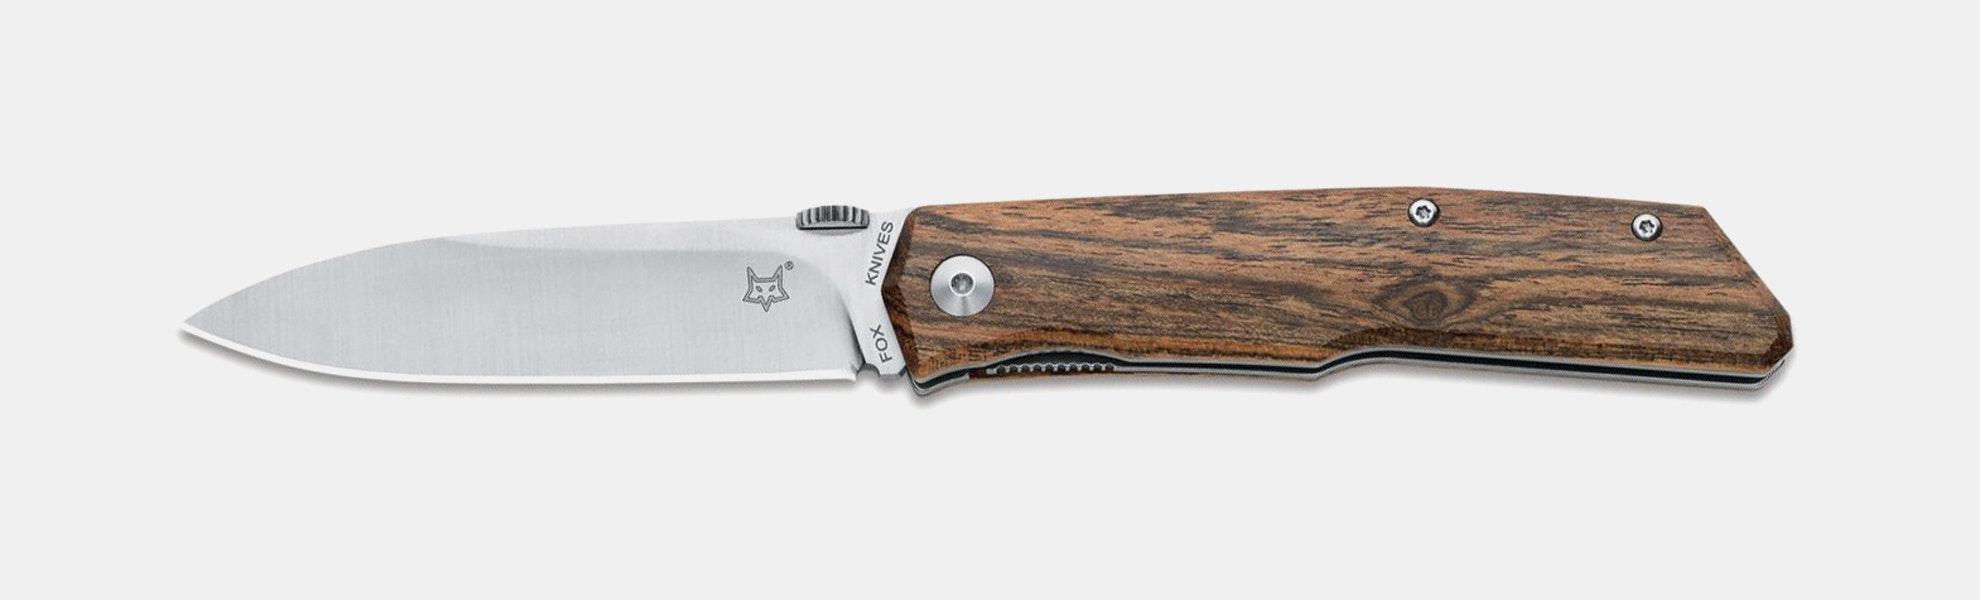 Fox Terzuola Folding Knives